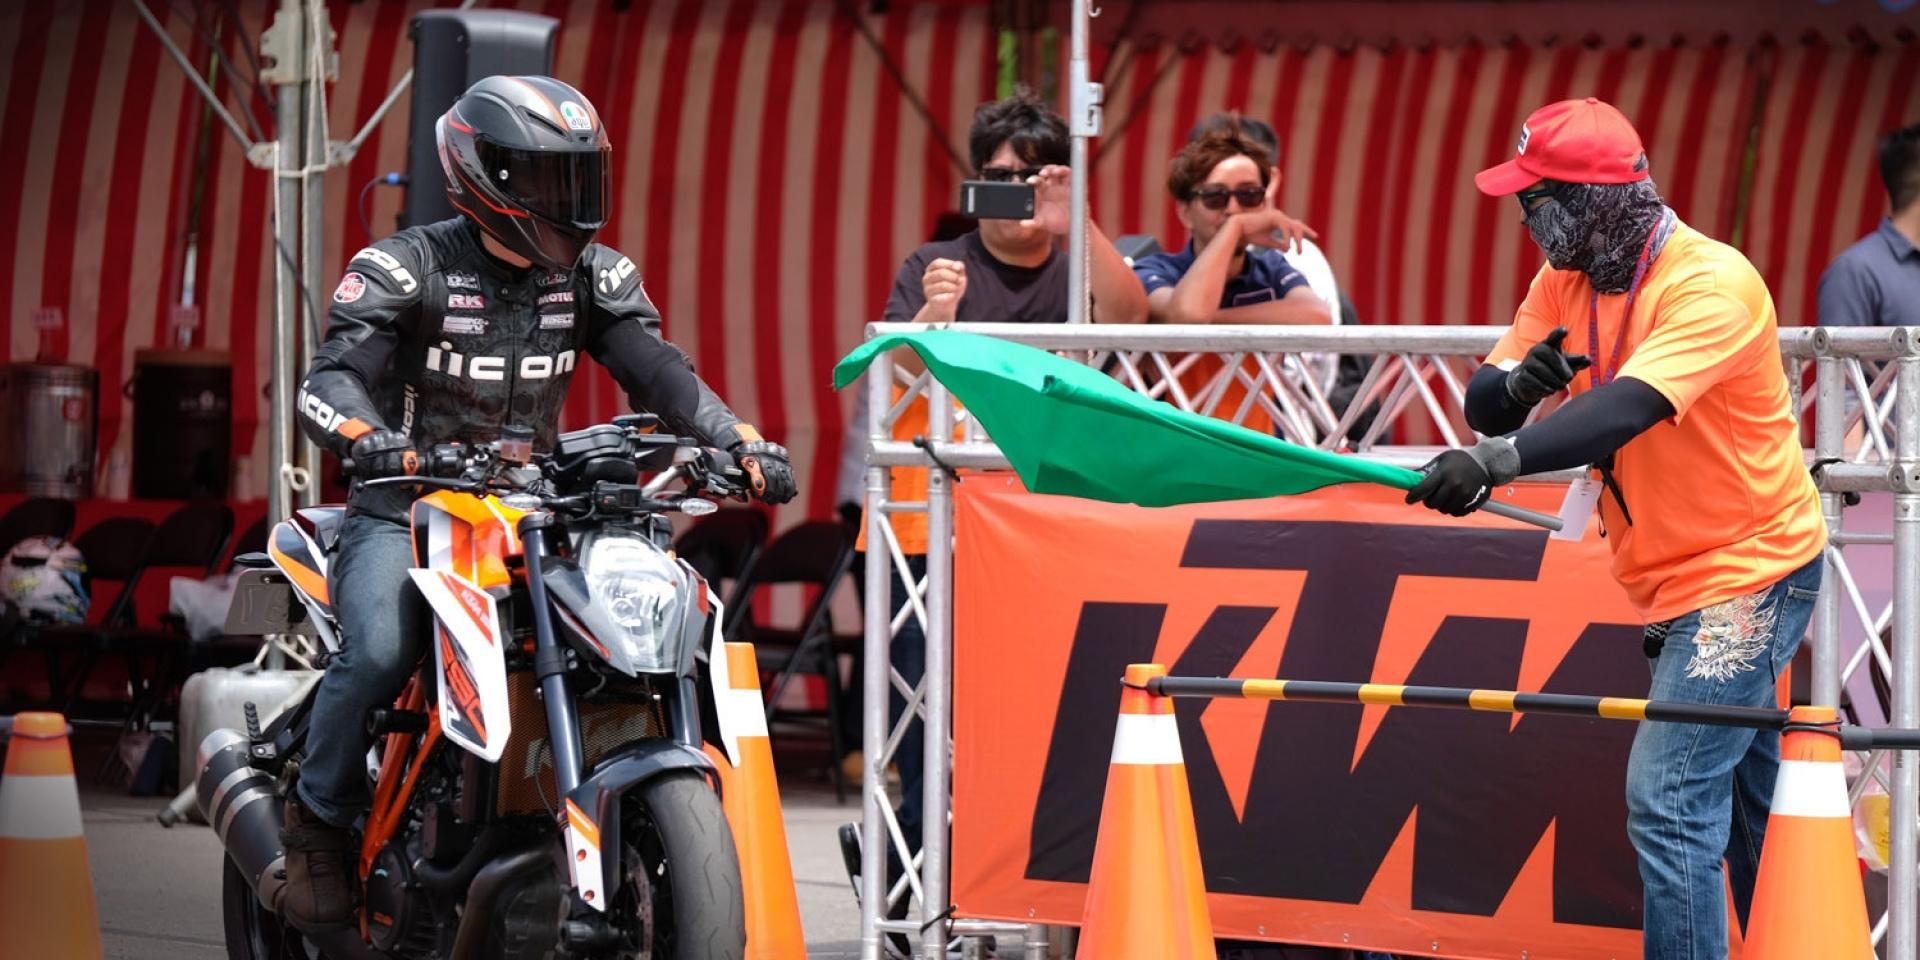 橘色狂潮來襲! KTM DUKEHANA 2017首次登台